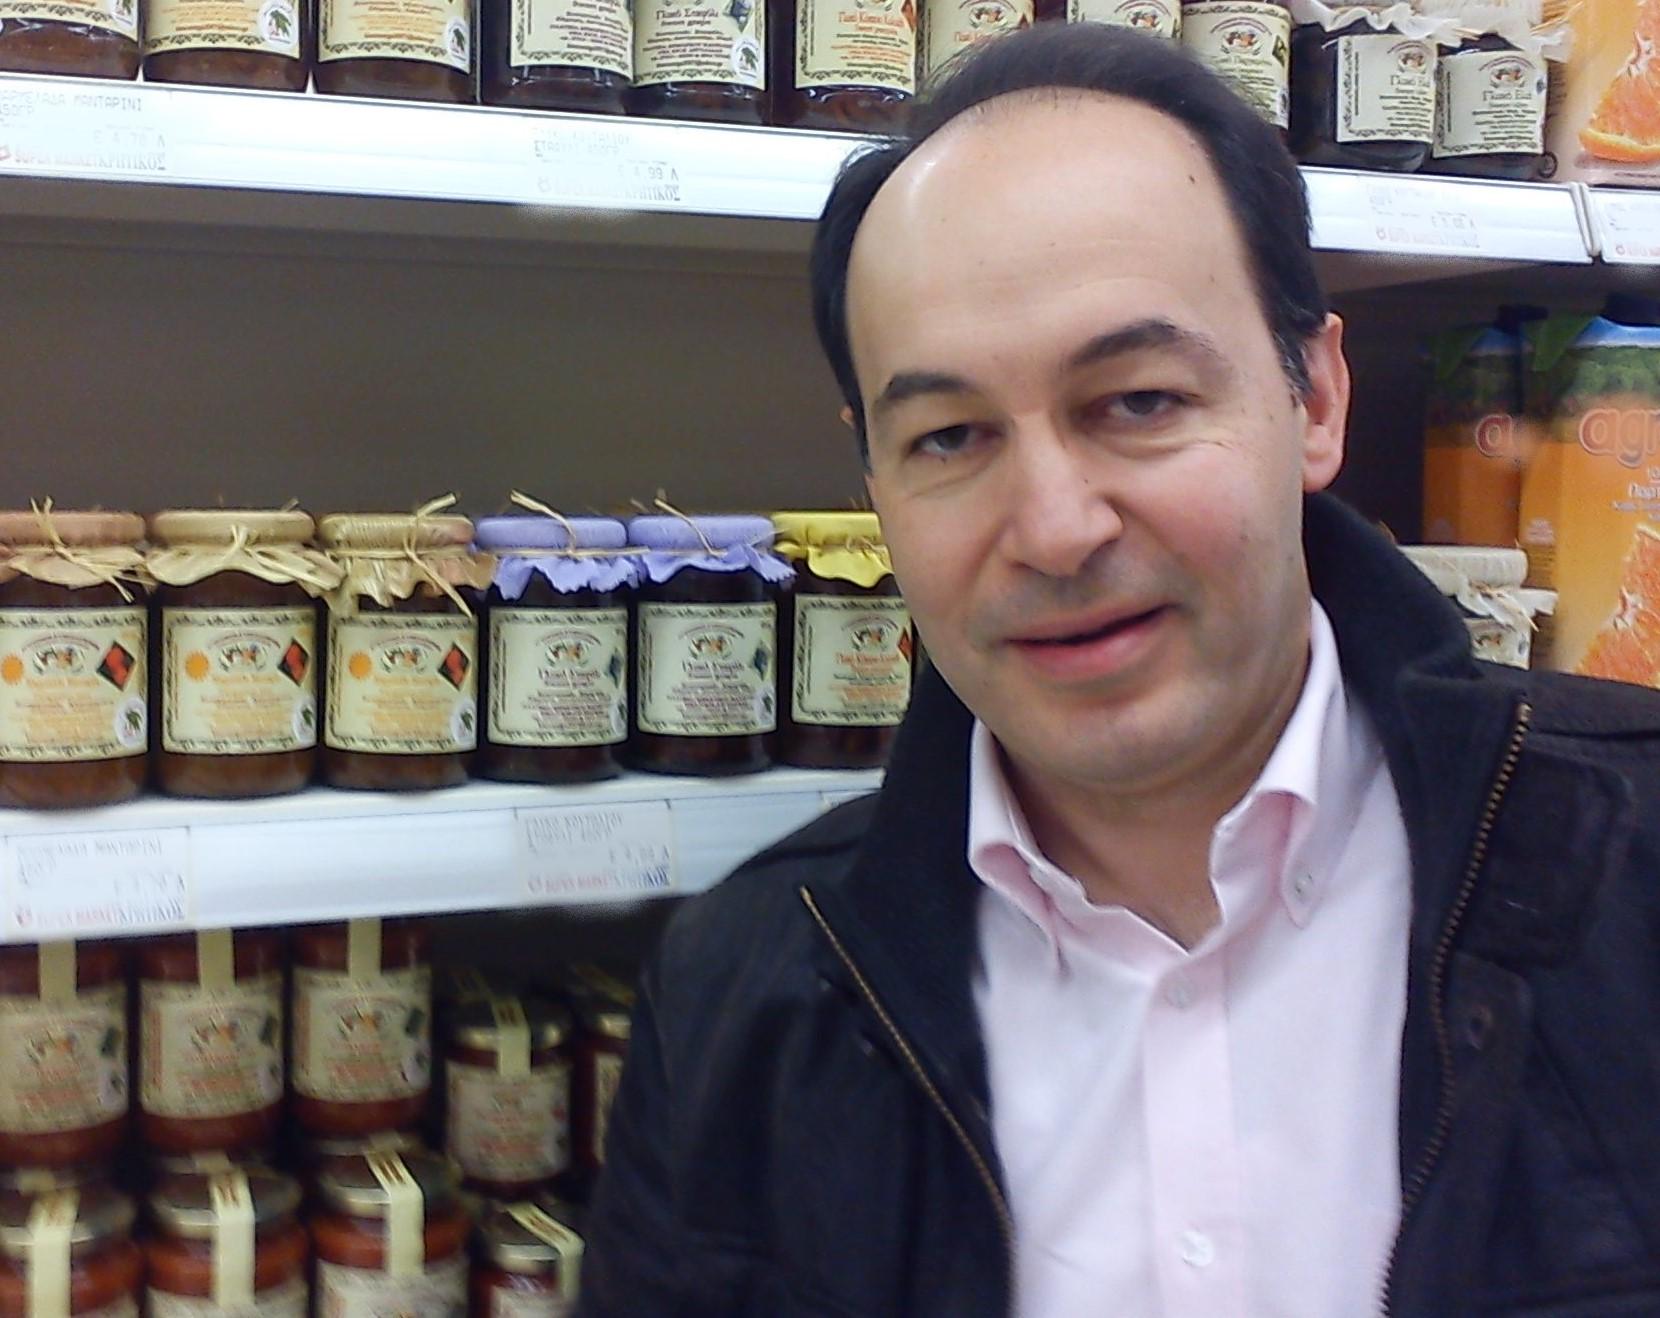 Vassiliou dimitris ΠΟΞ